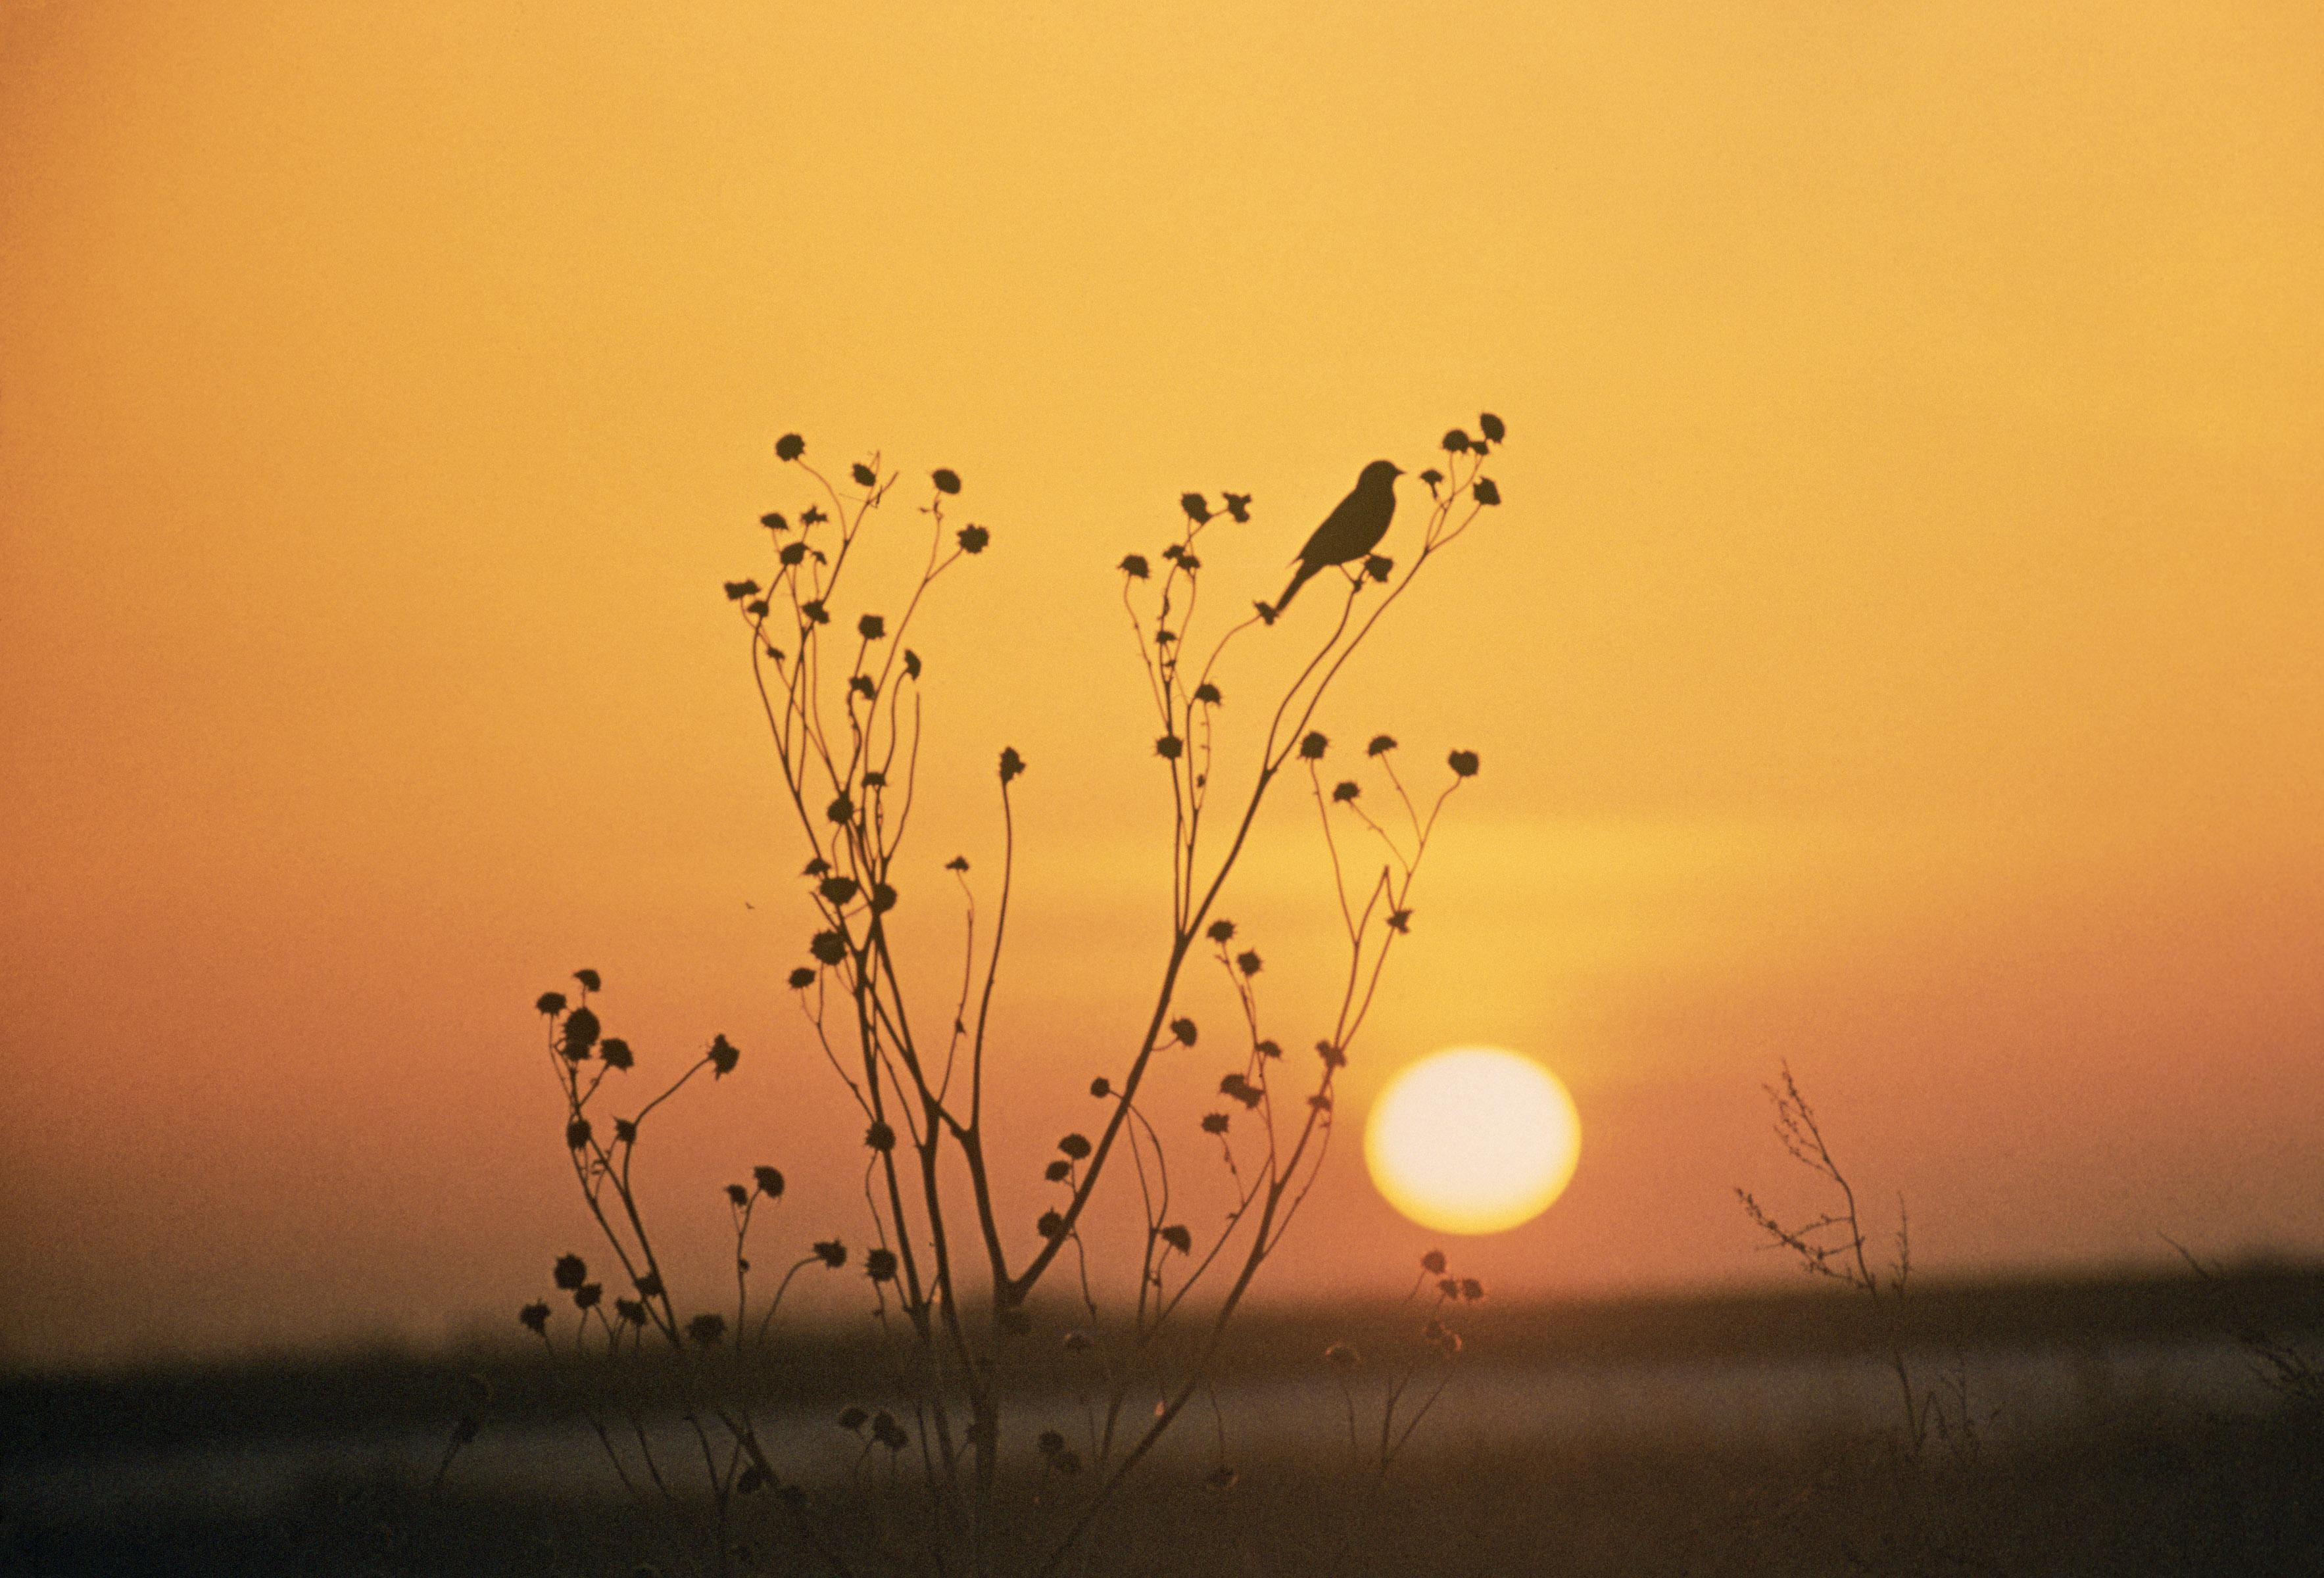 sunset-at-tewaukoa-national-wildlife-refuge